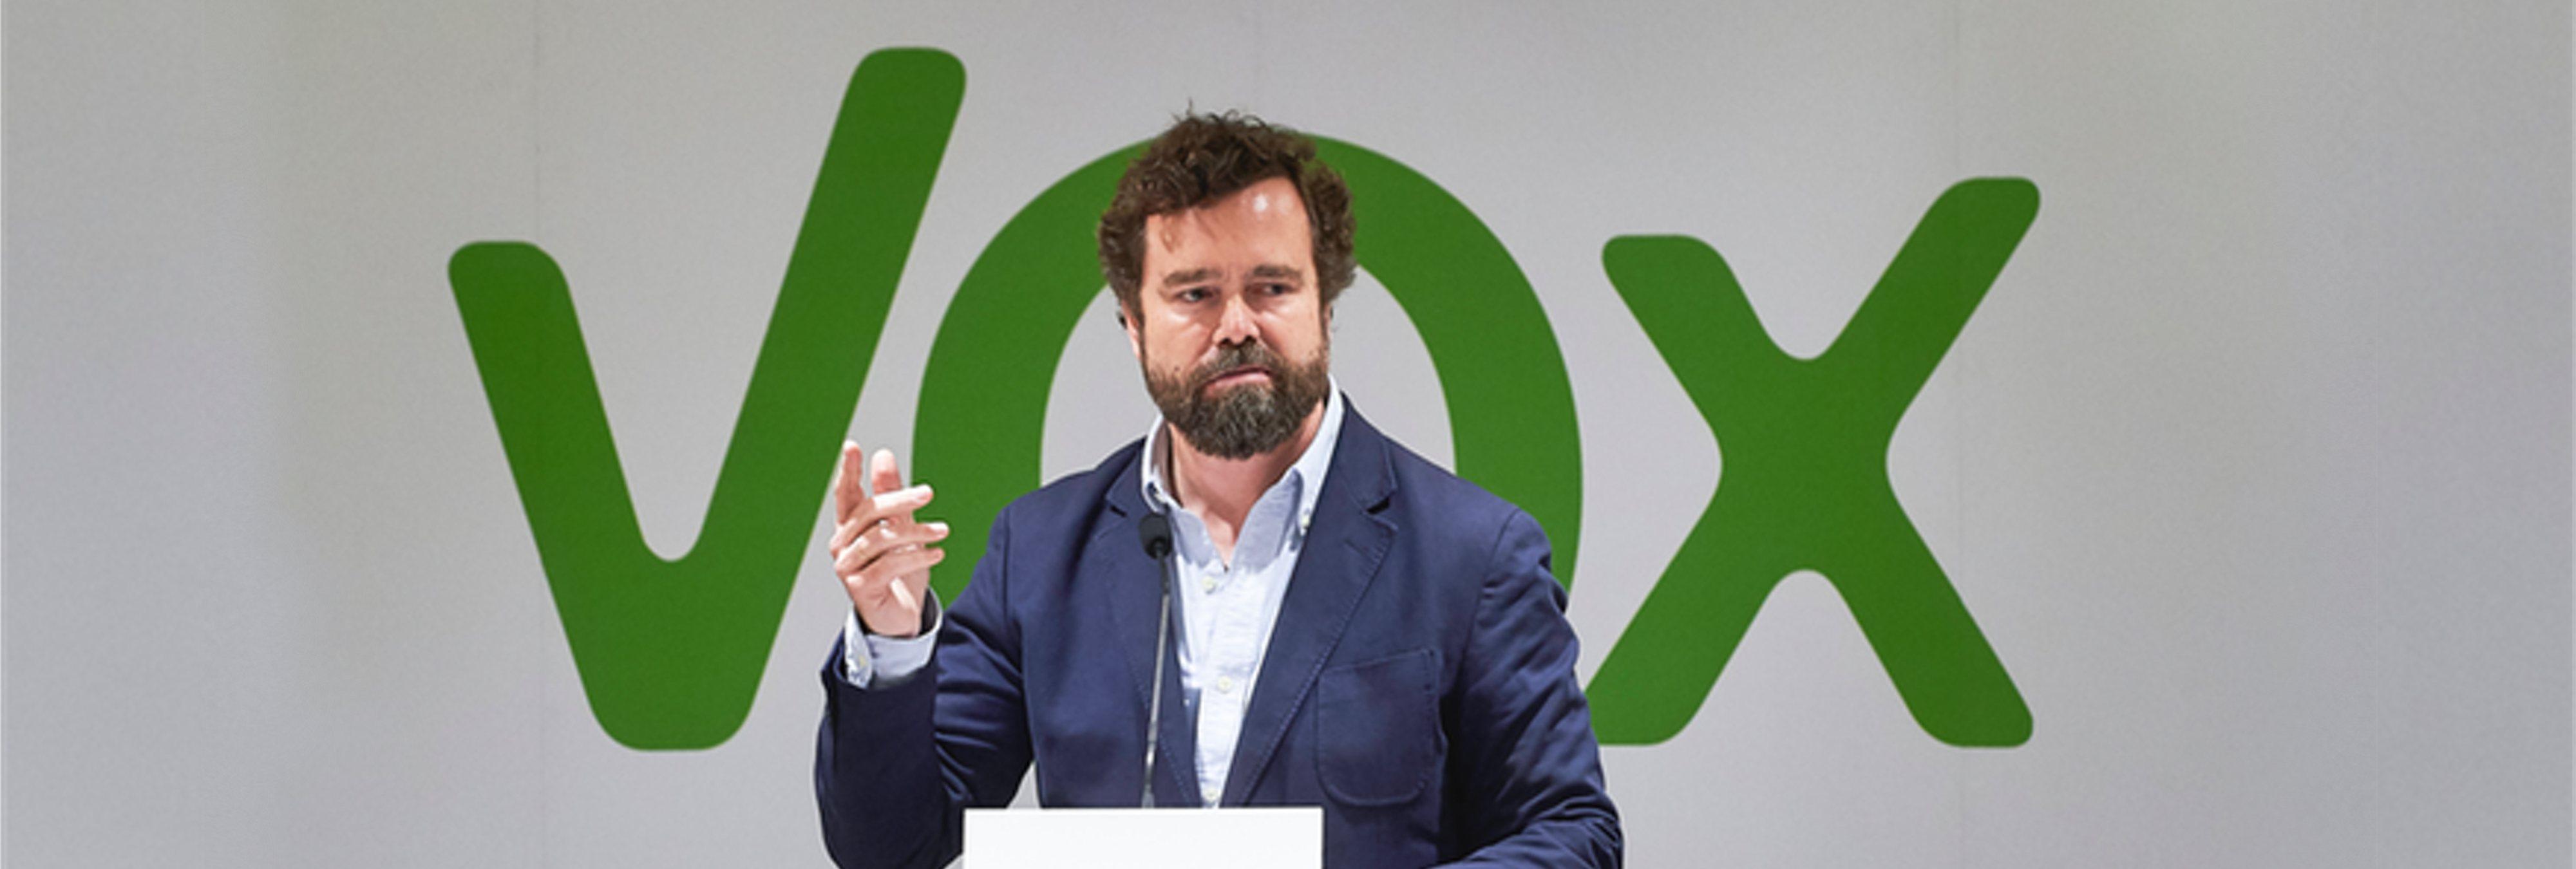 """Espinosa de los Monteros (VOX): """"Los inmigrantes que llegan a España no tienen dignidad"""""""